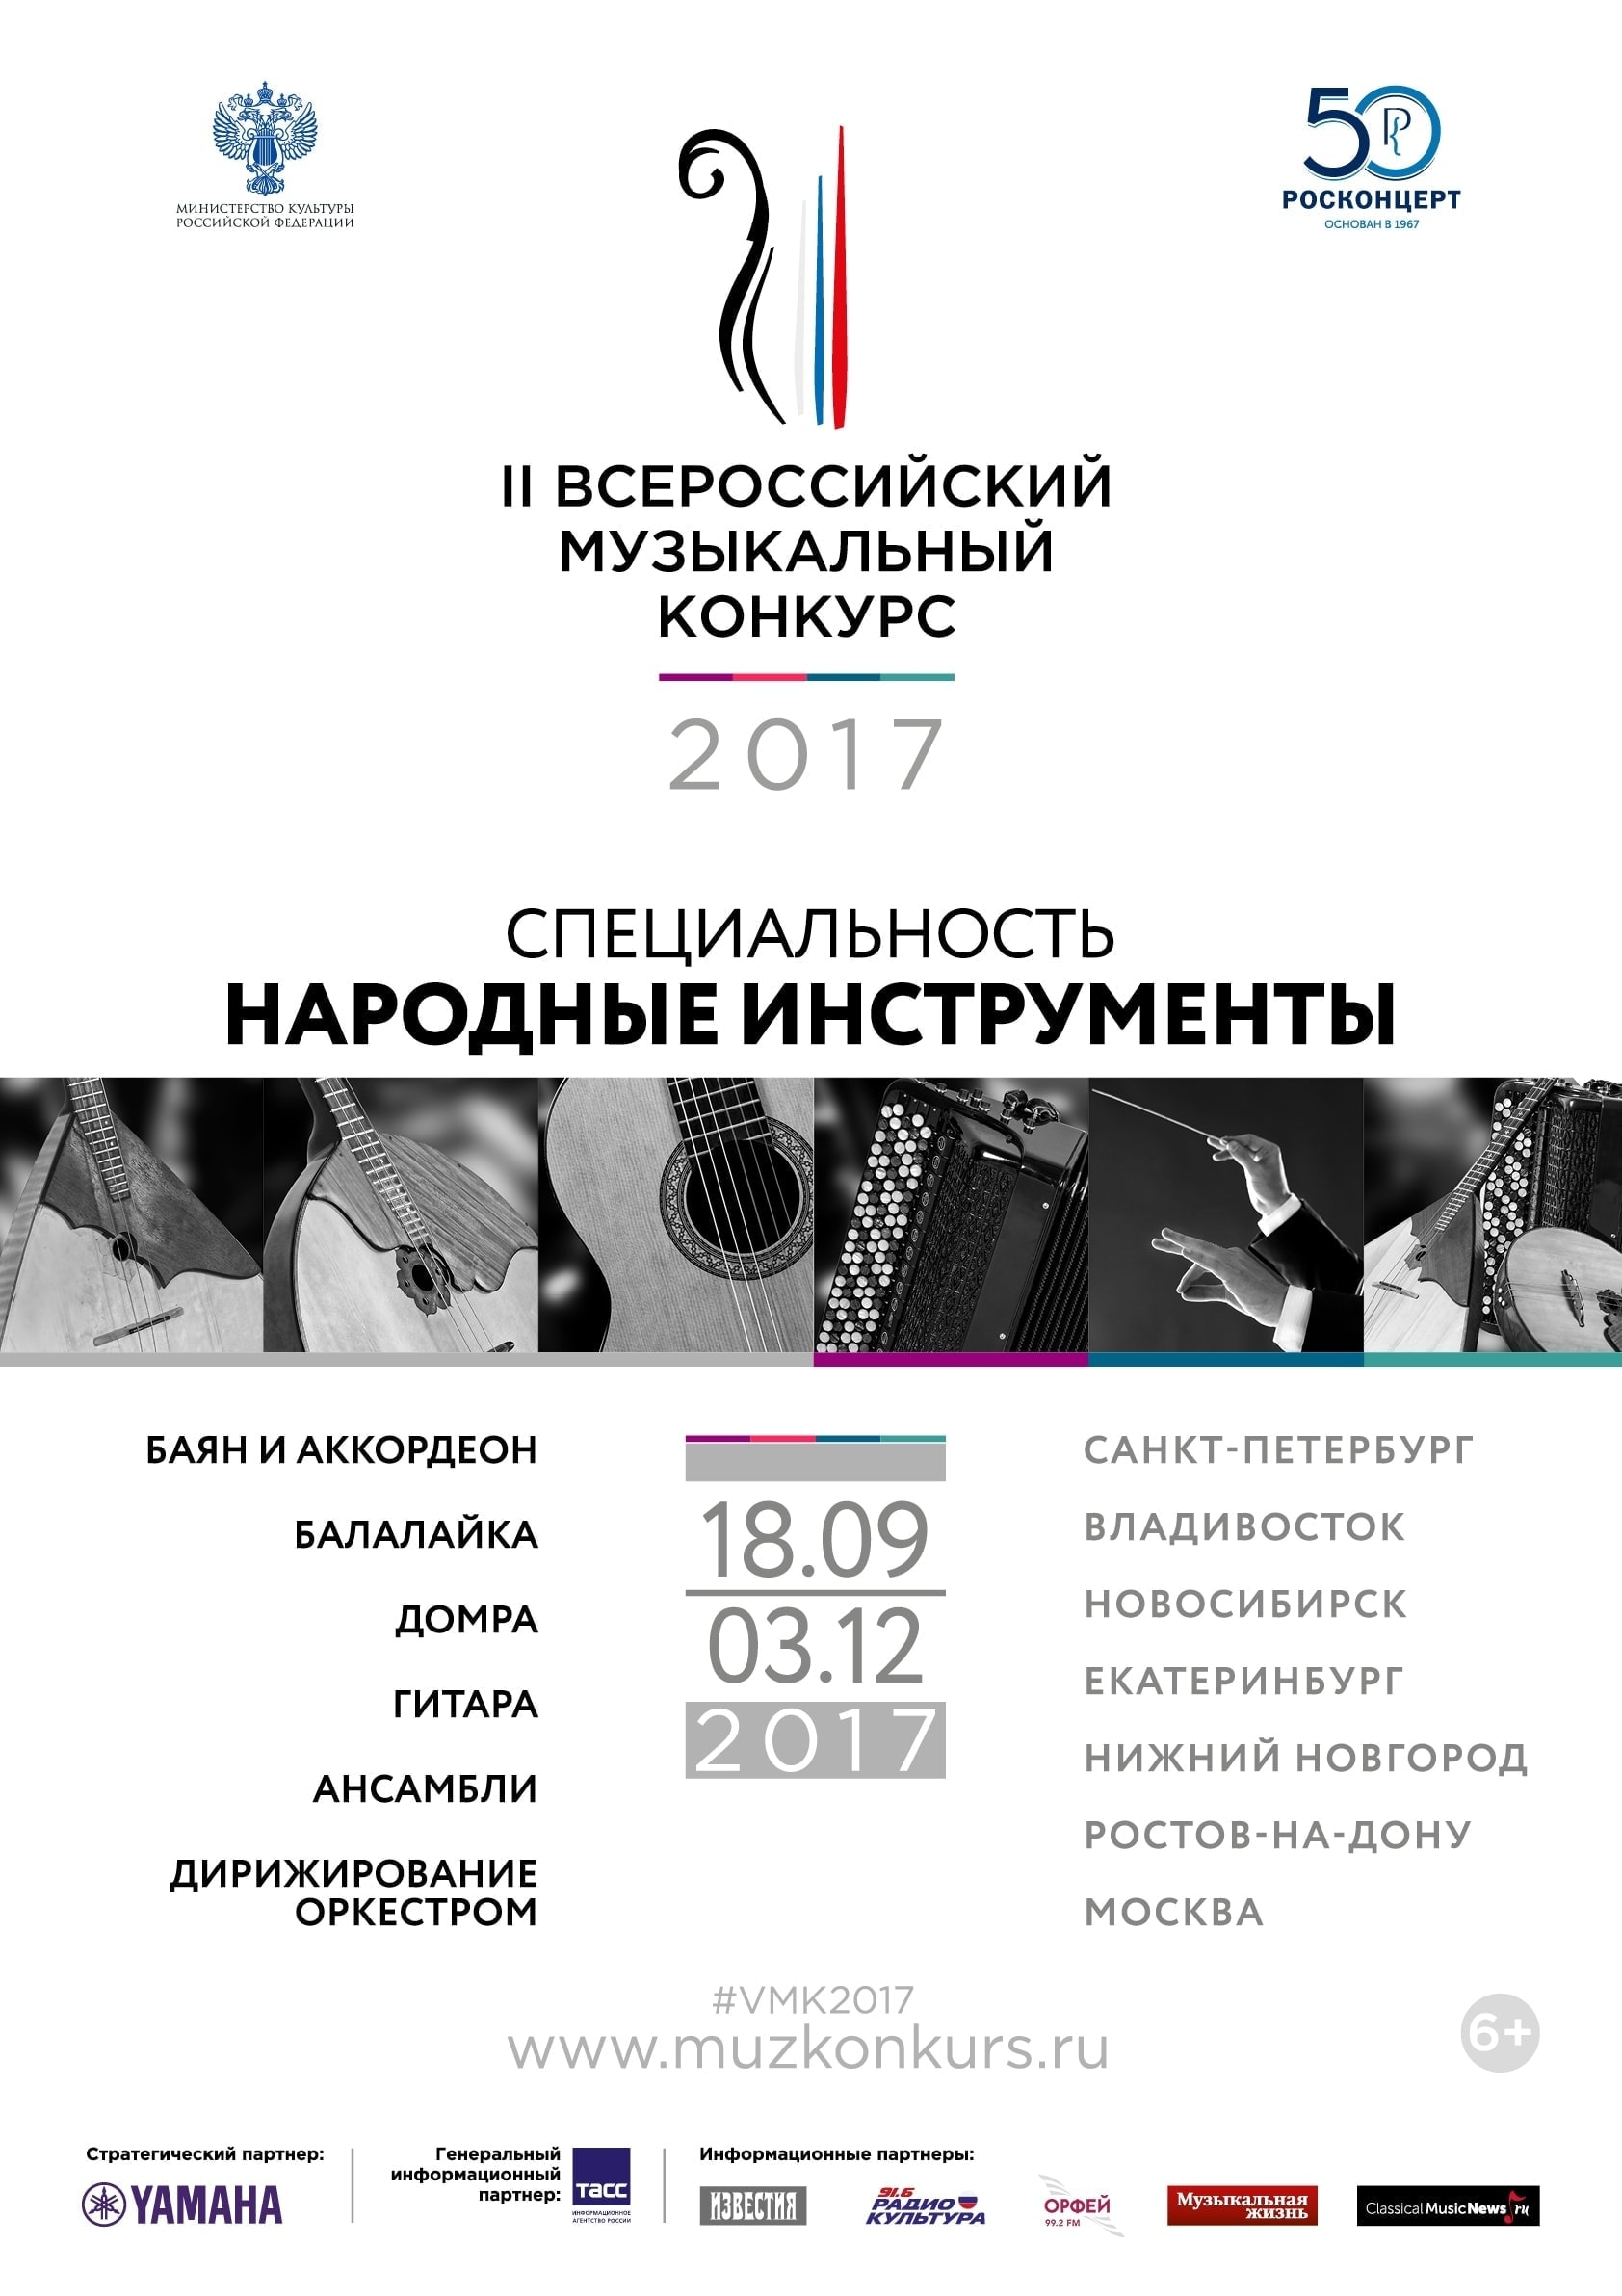 IIВсероссийский музыкальный конкурс